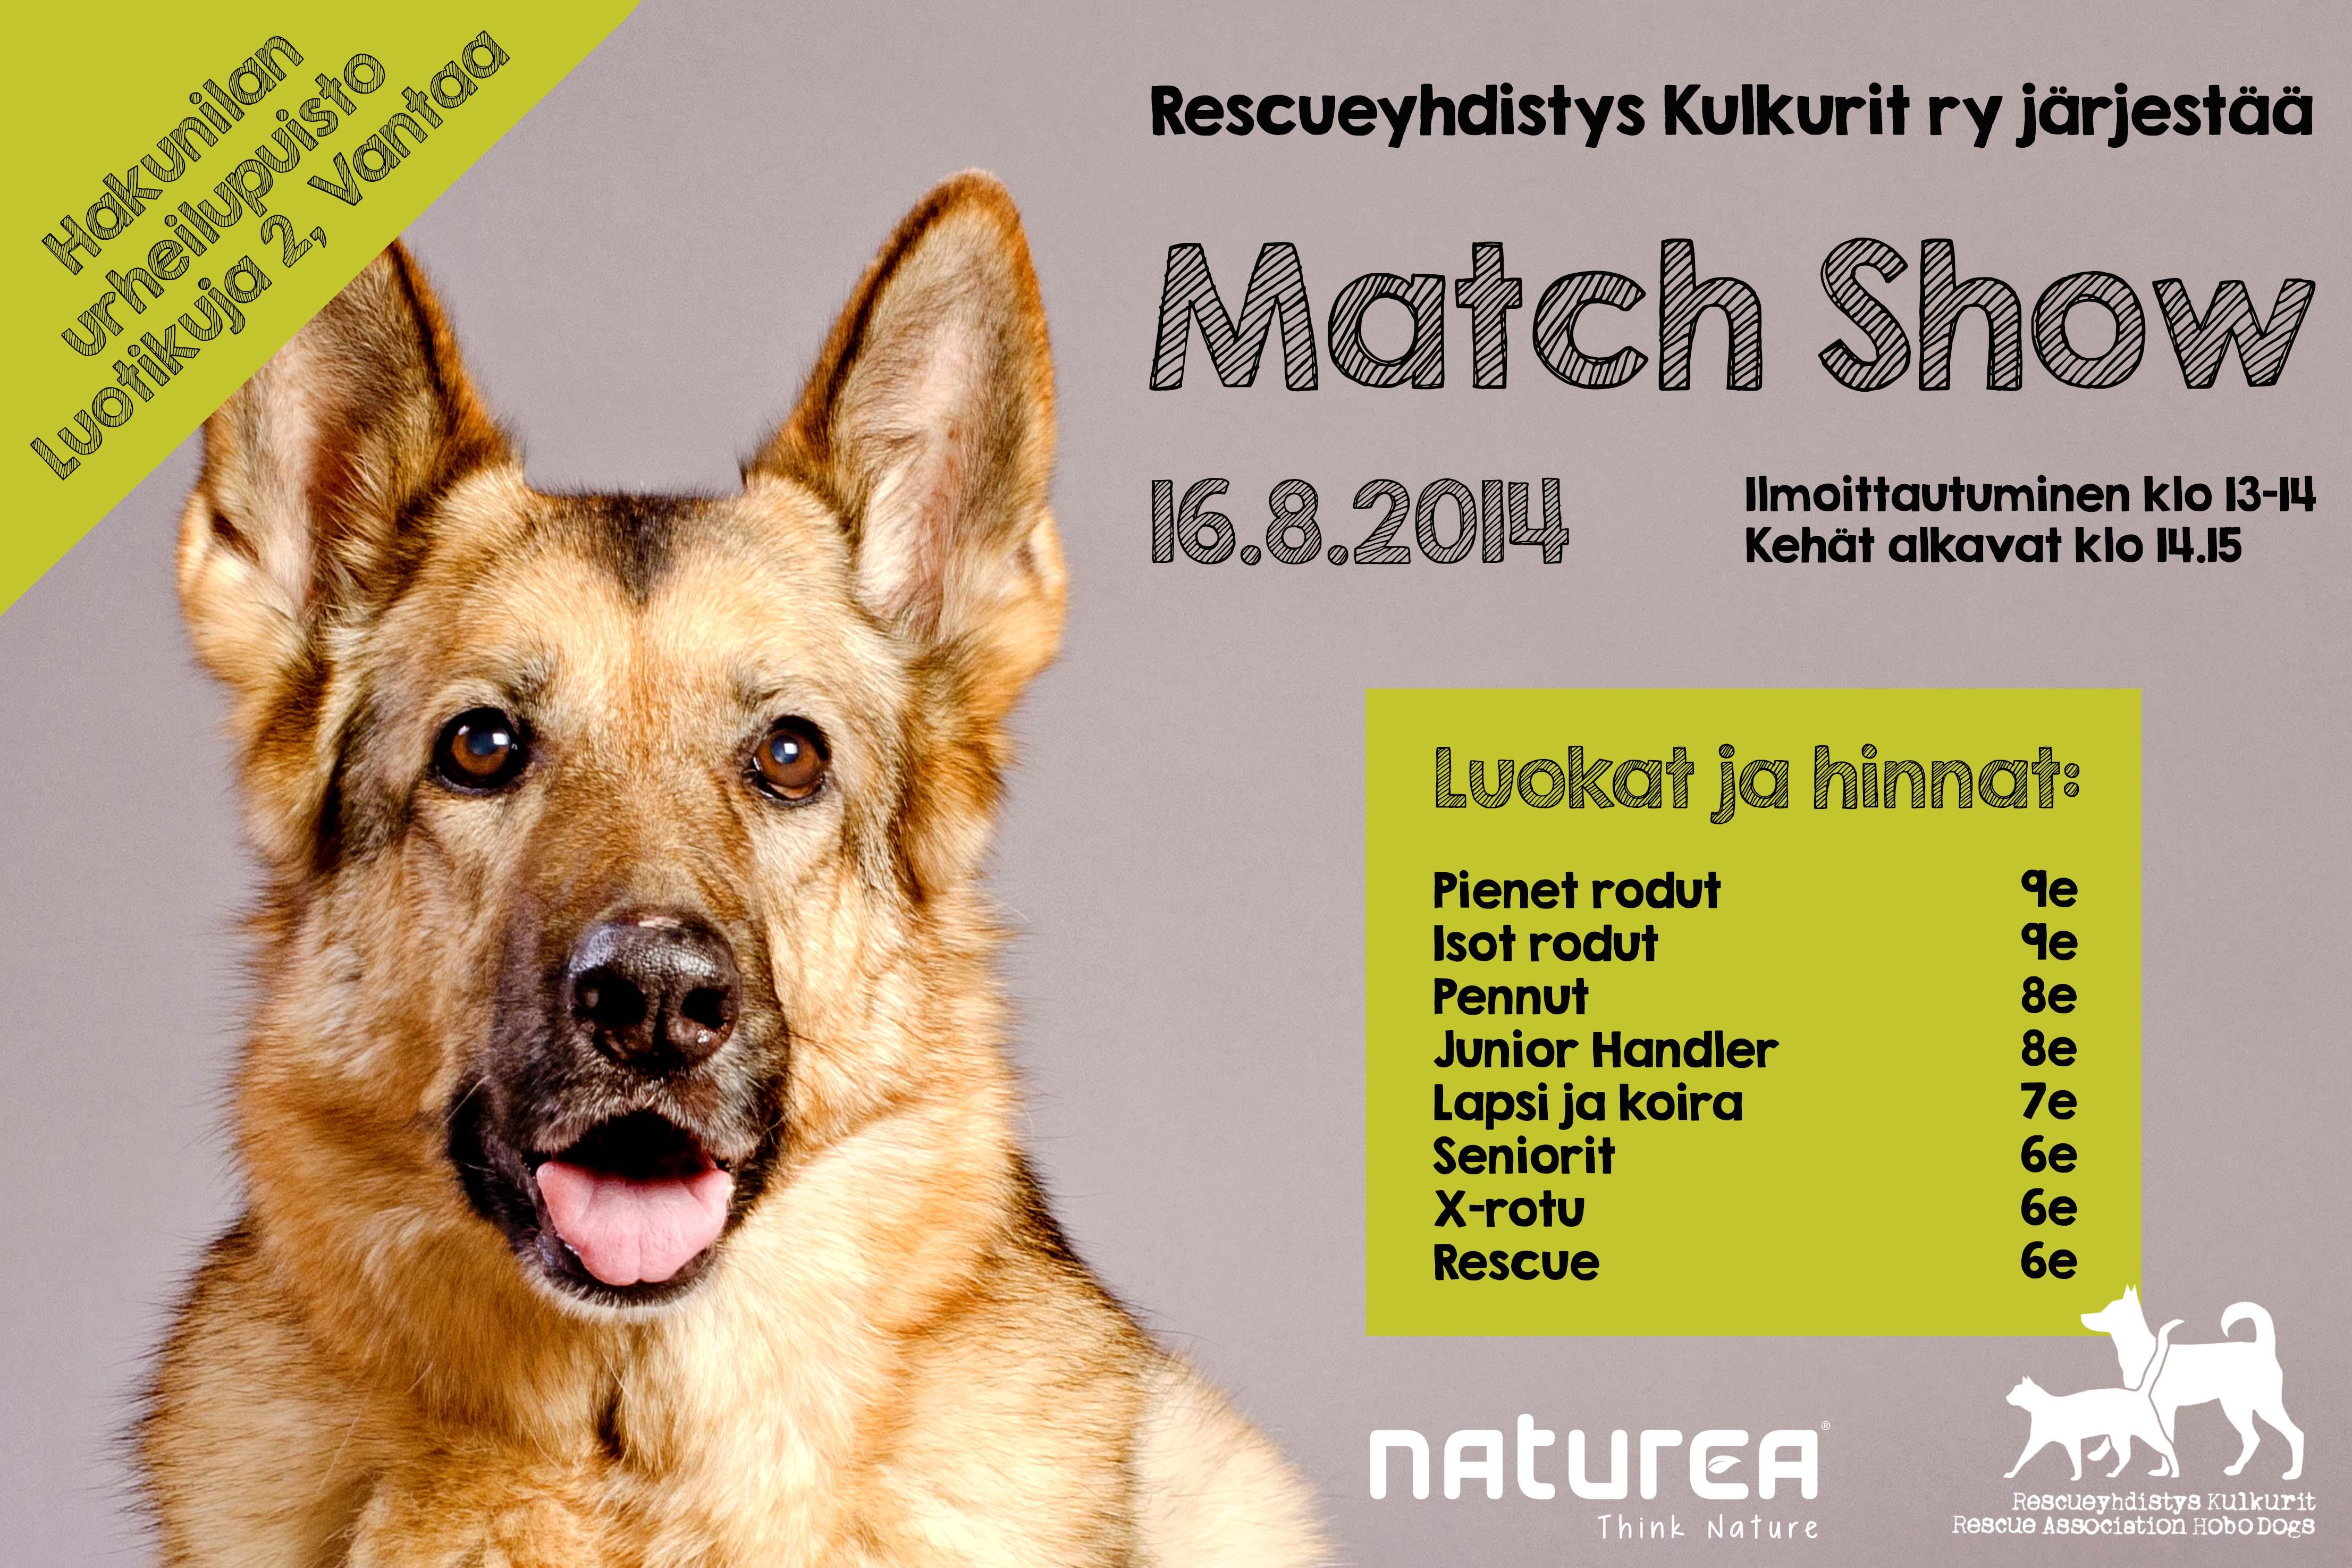 match com yhteystiedot Pieksamaki